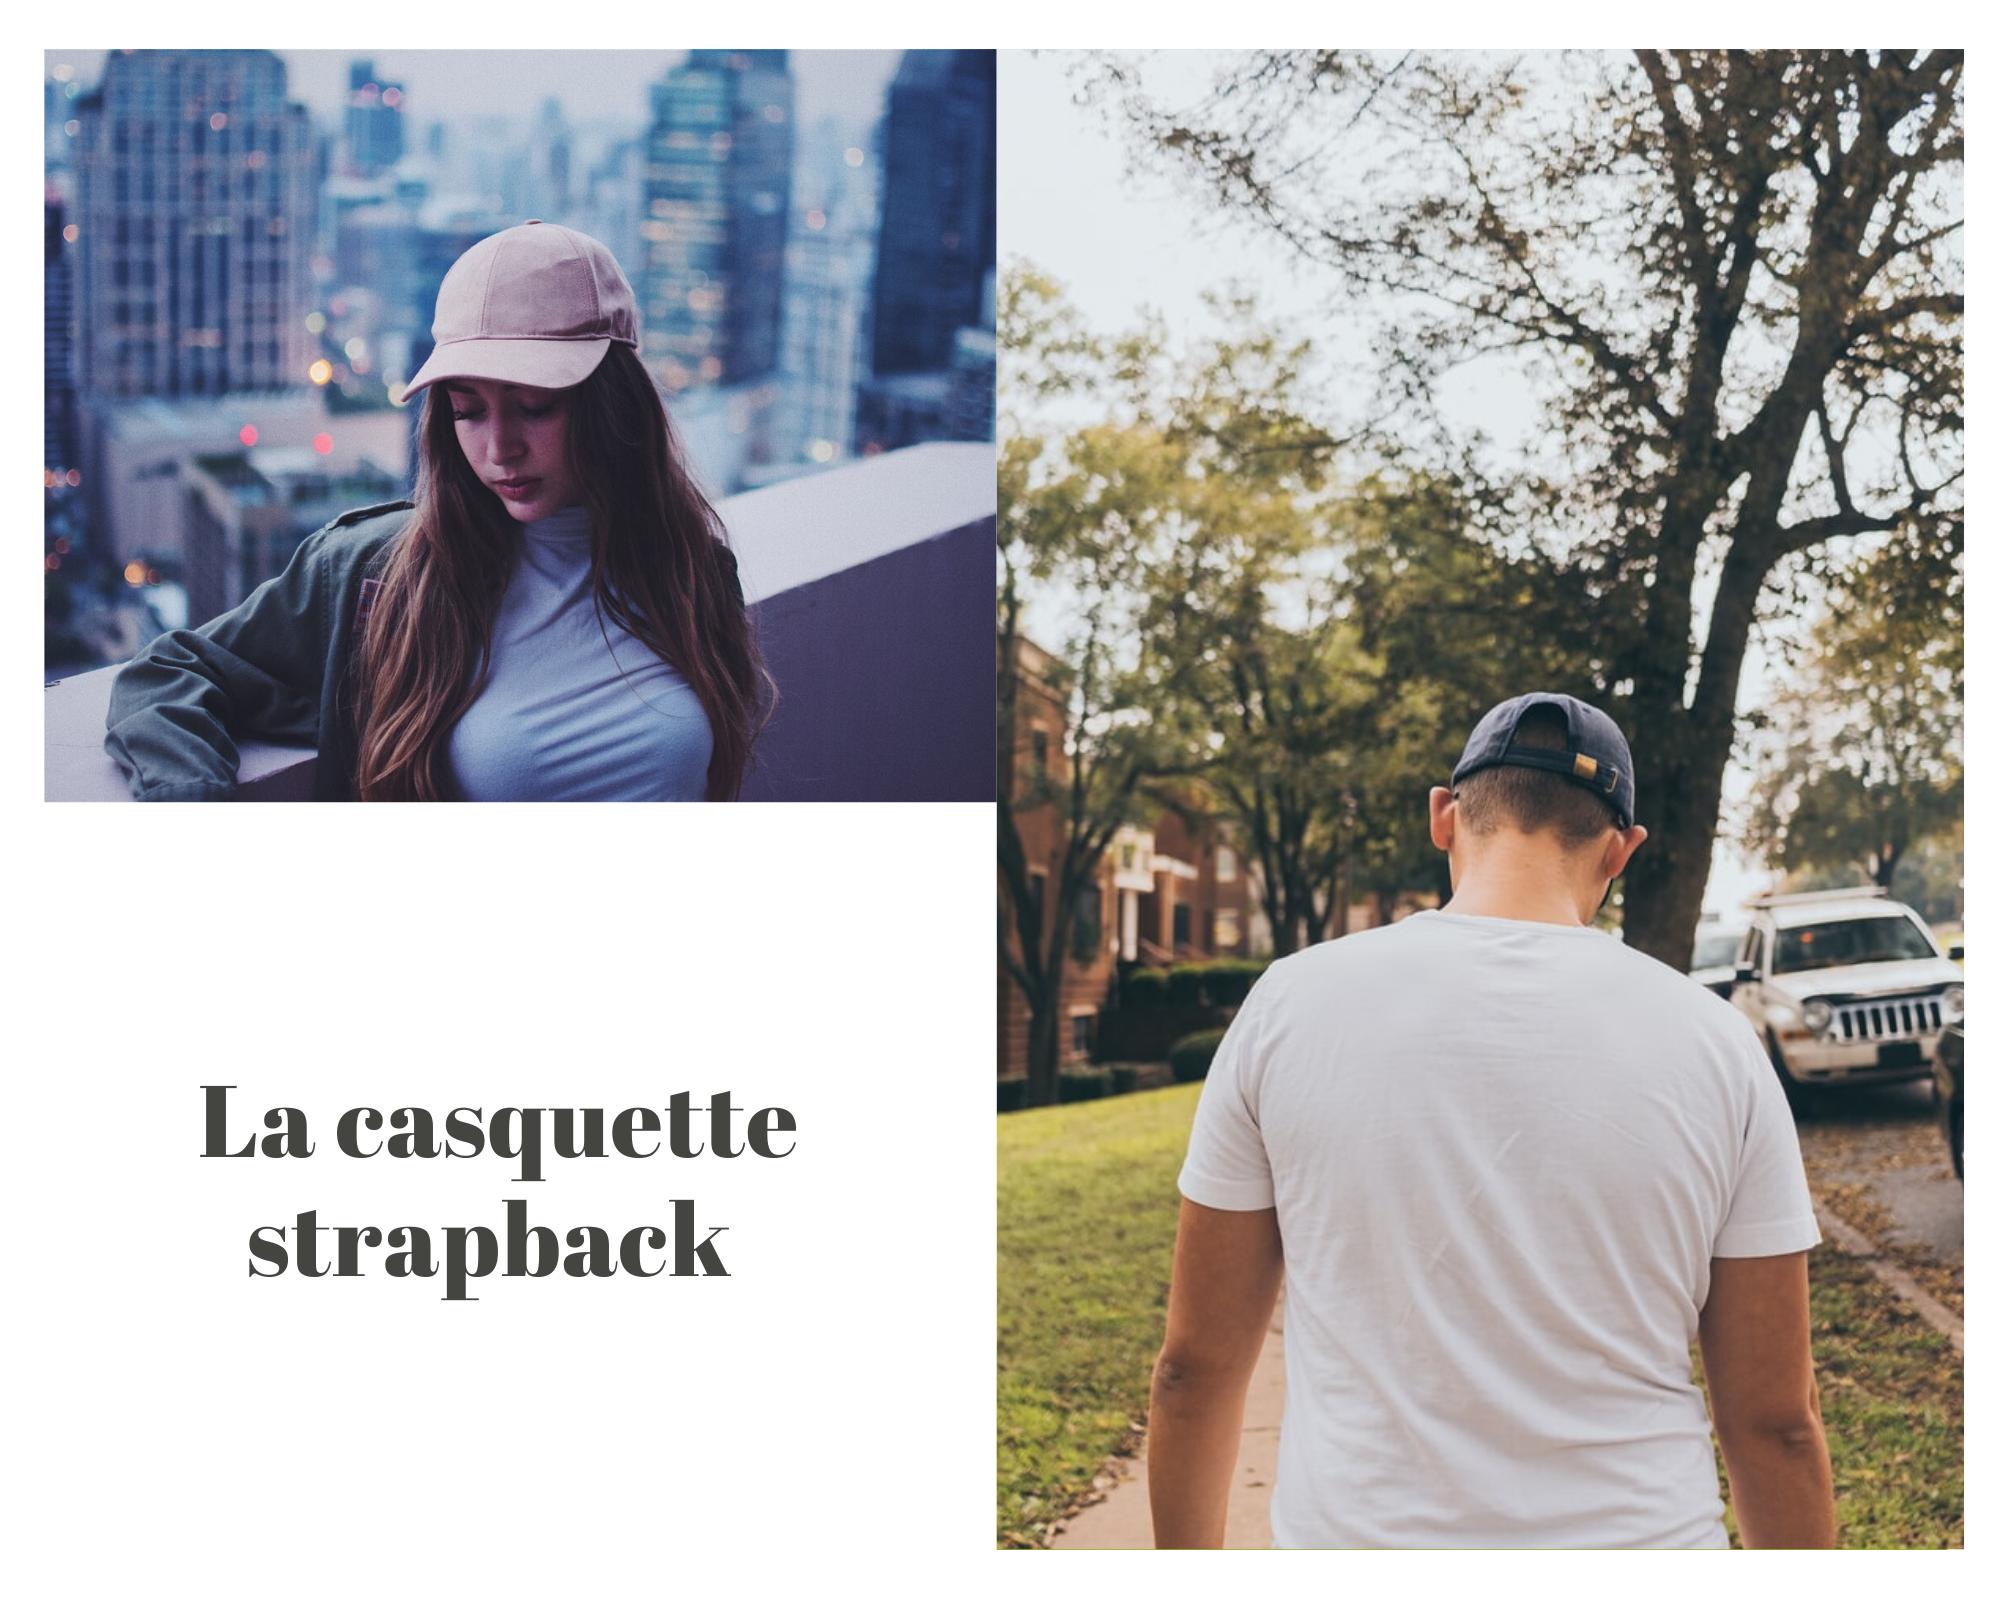 Casquette Strapback